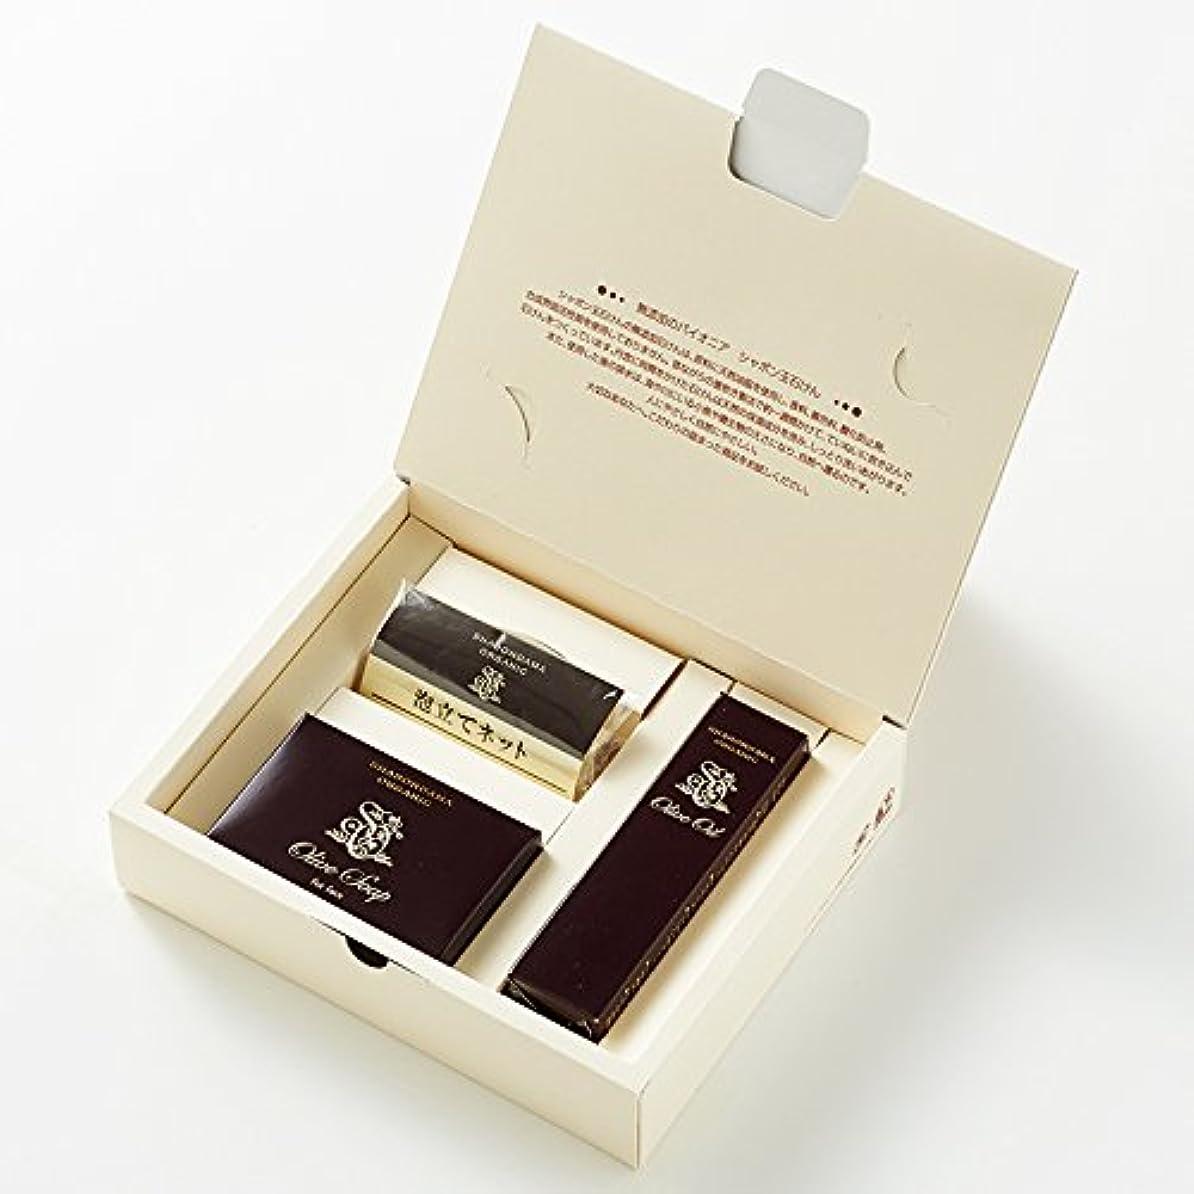 変成器ファランクス動脈シャボン玉プレミアムギフト SPG-40